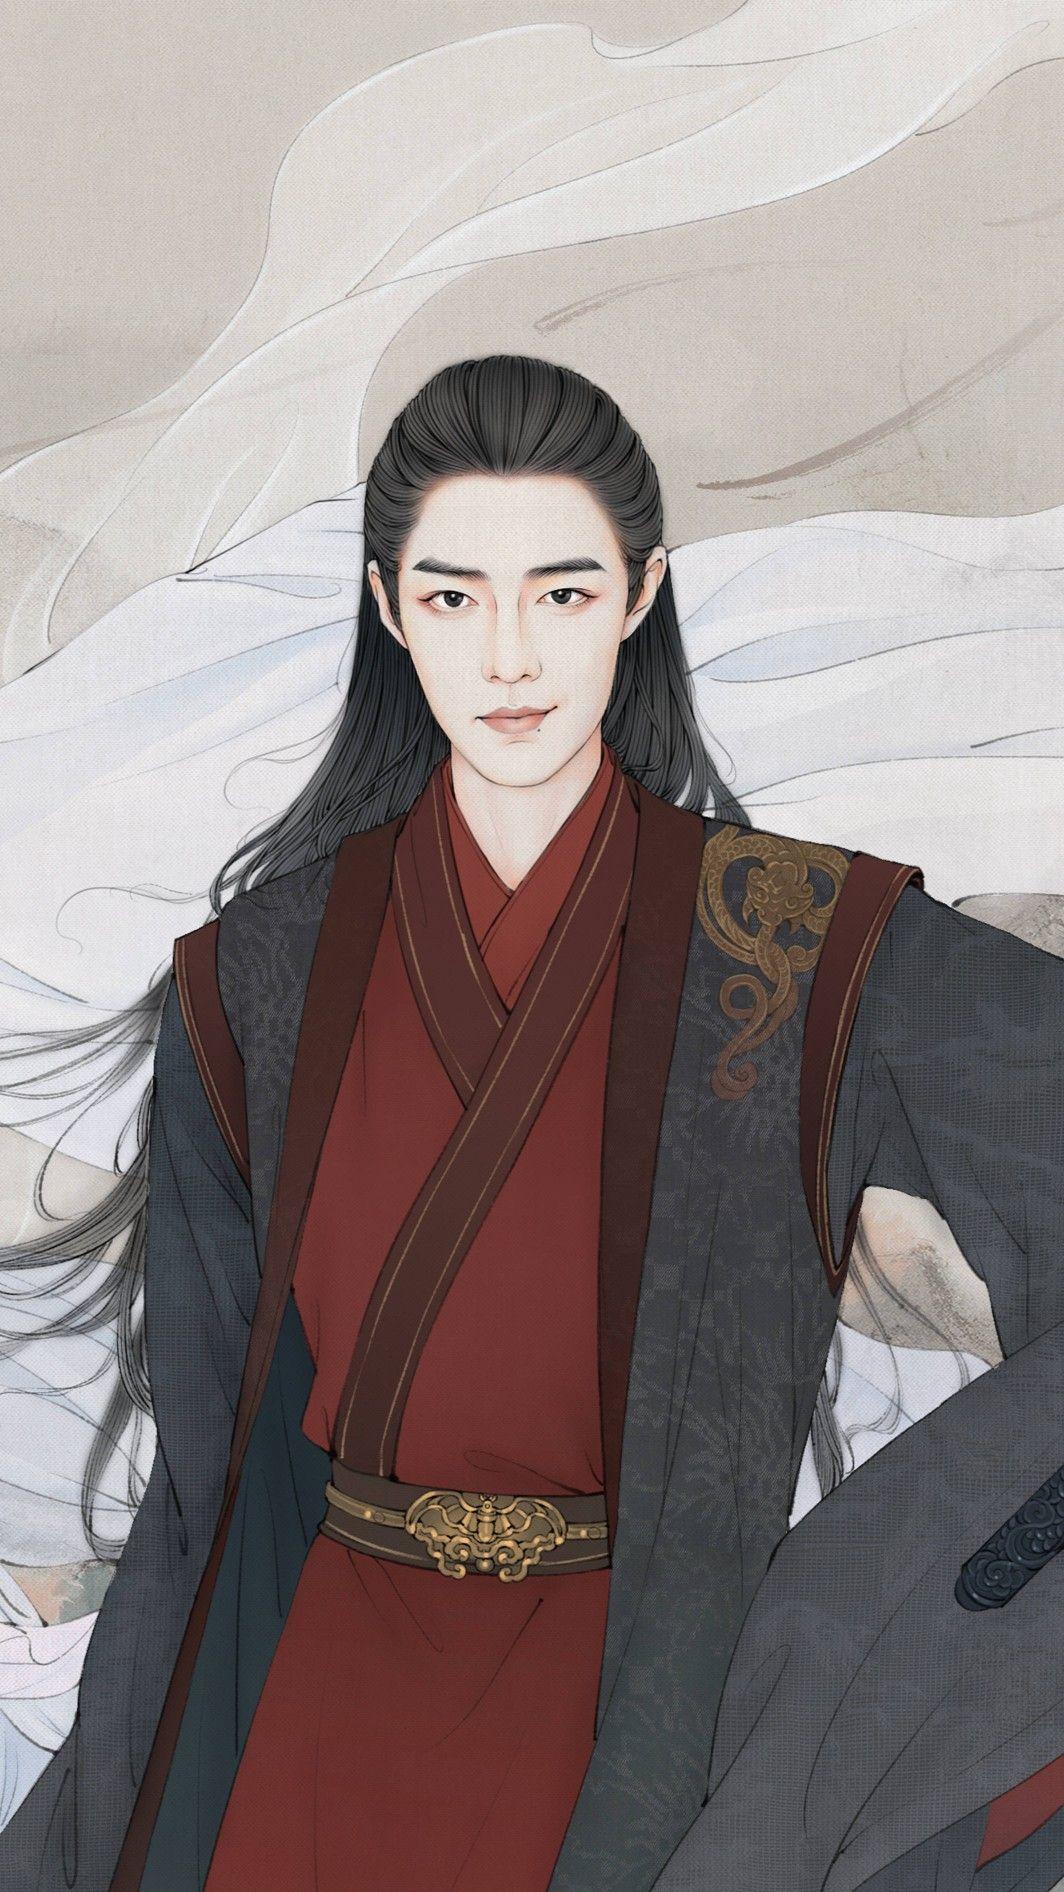 Ghim của xiaoyang102105. trên 博君一肖 anime Diễn viên, Minh